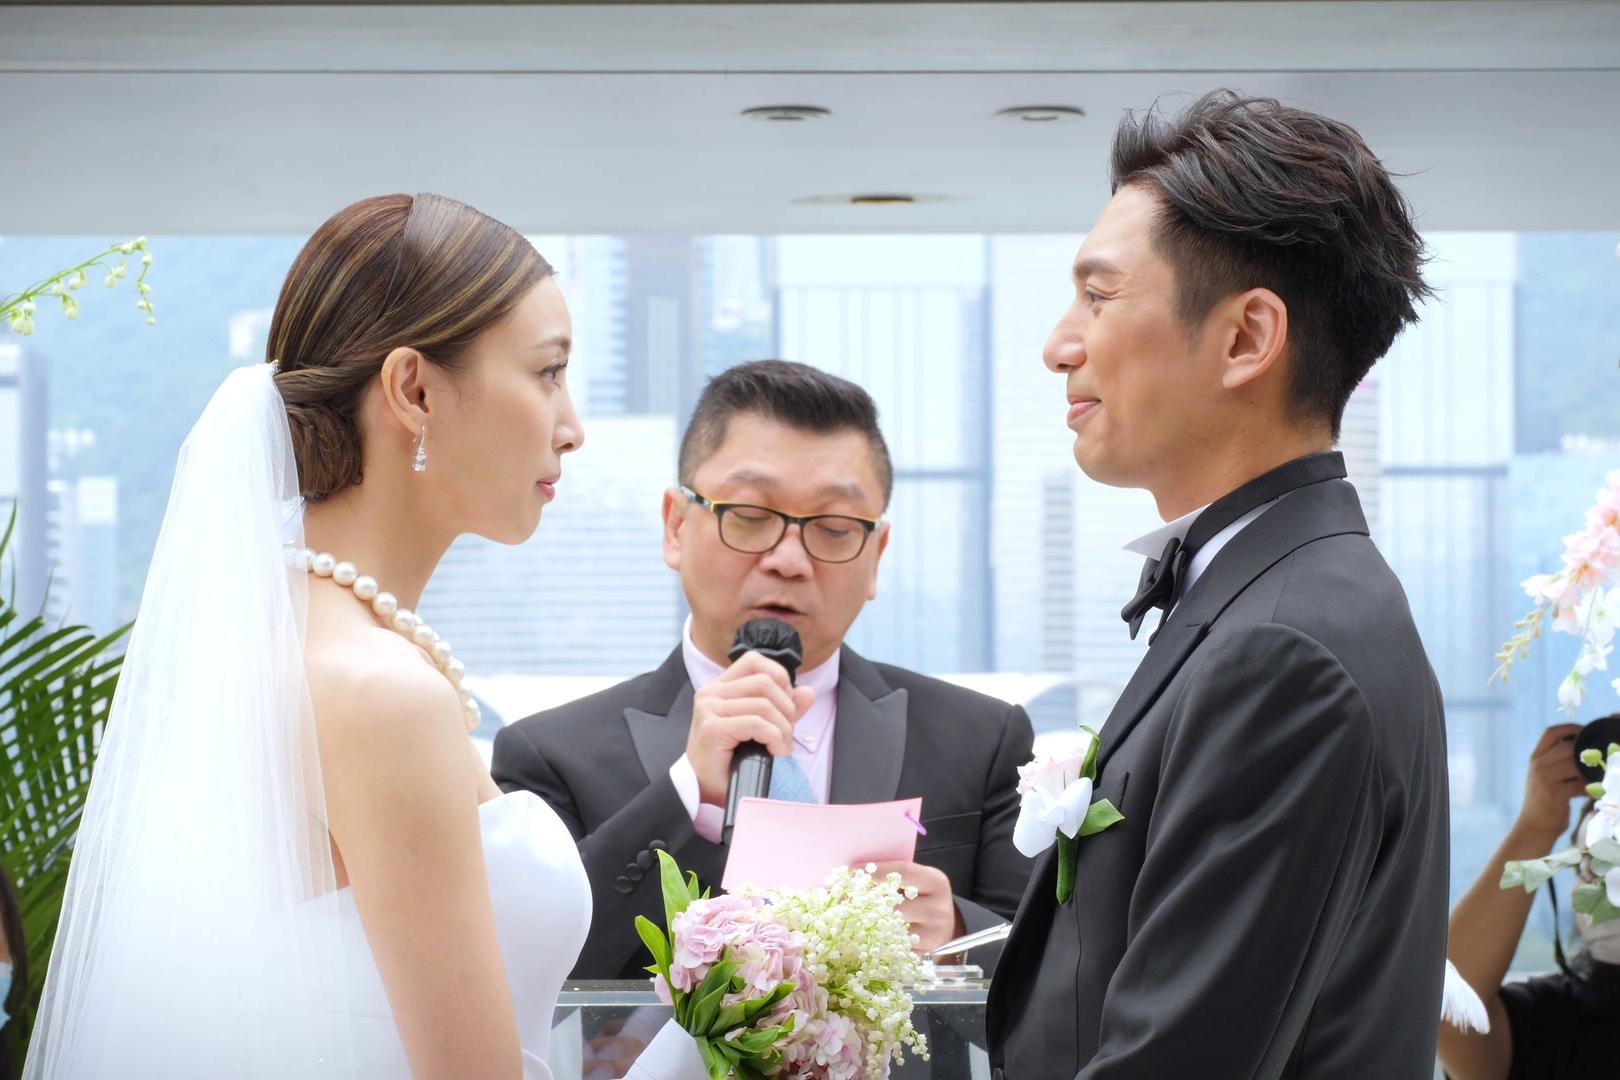 陈法拉前夫薛世恒正式迎娶圈外女友,半岛酒店举行奢华婚礼